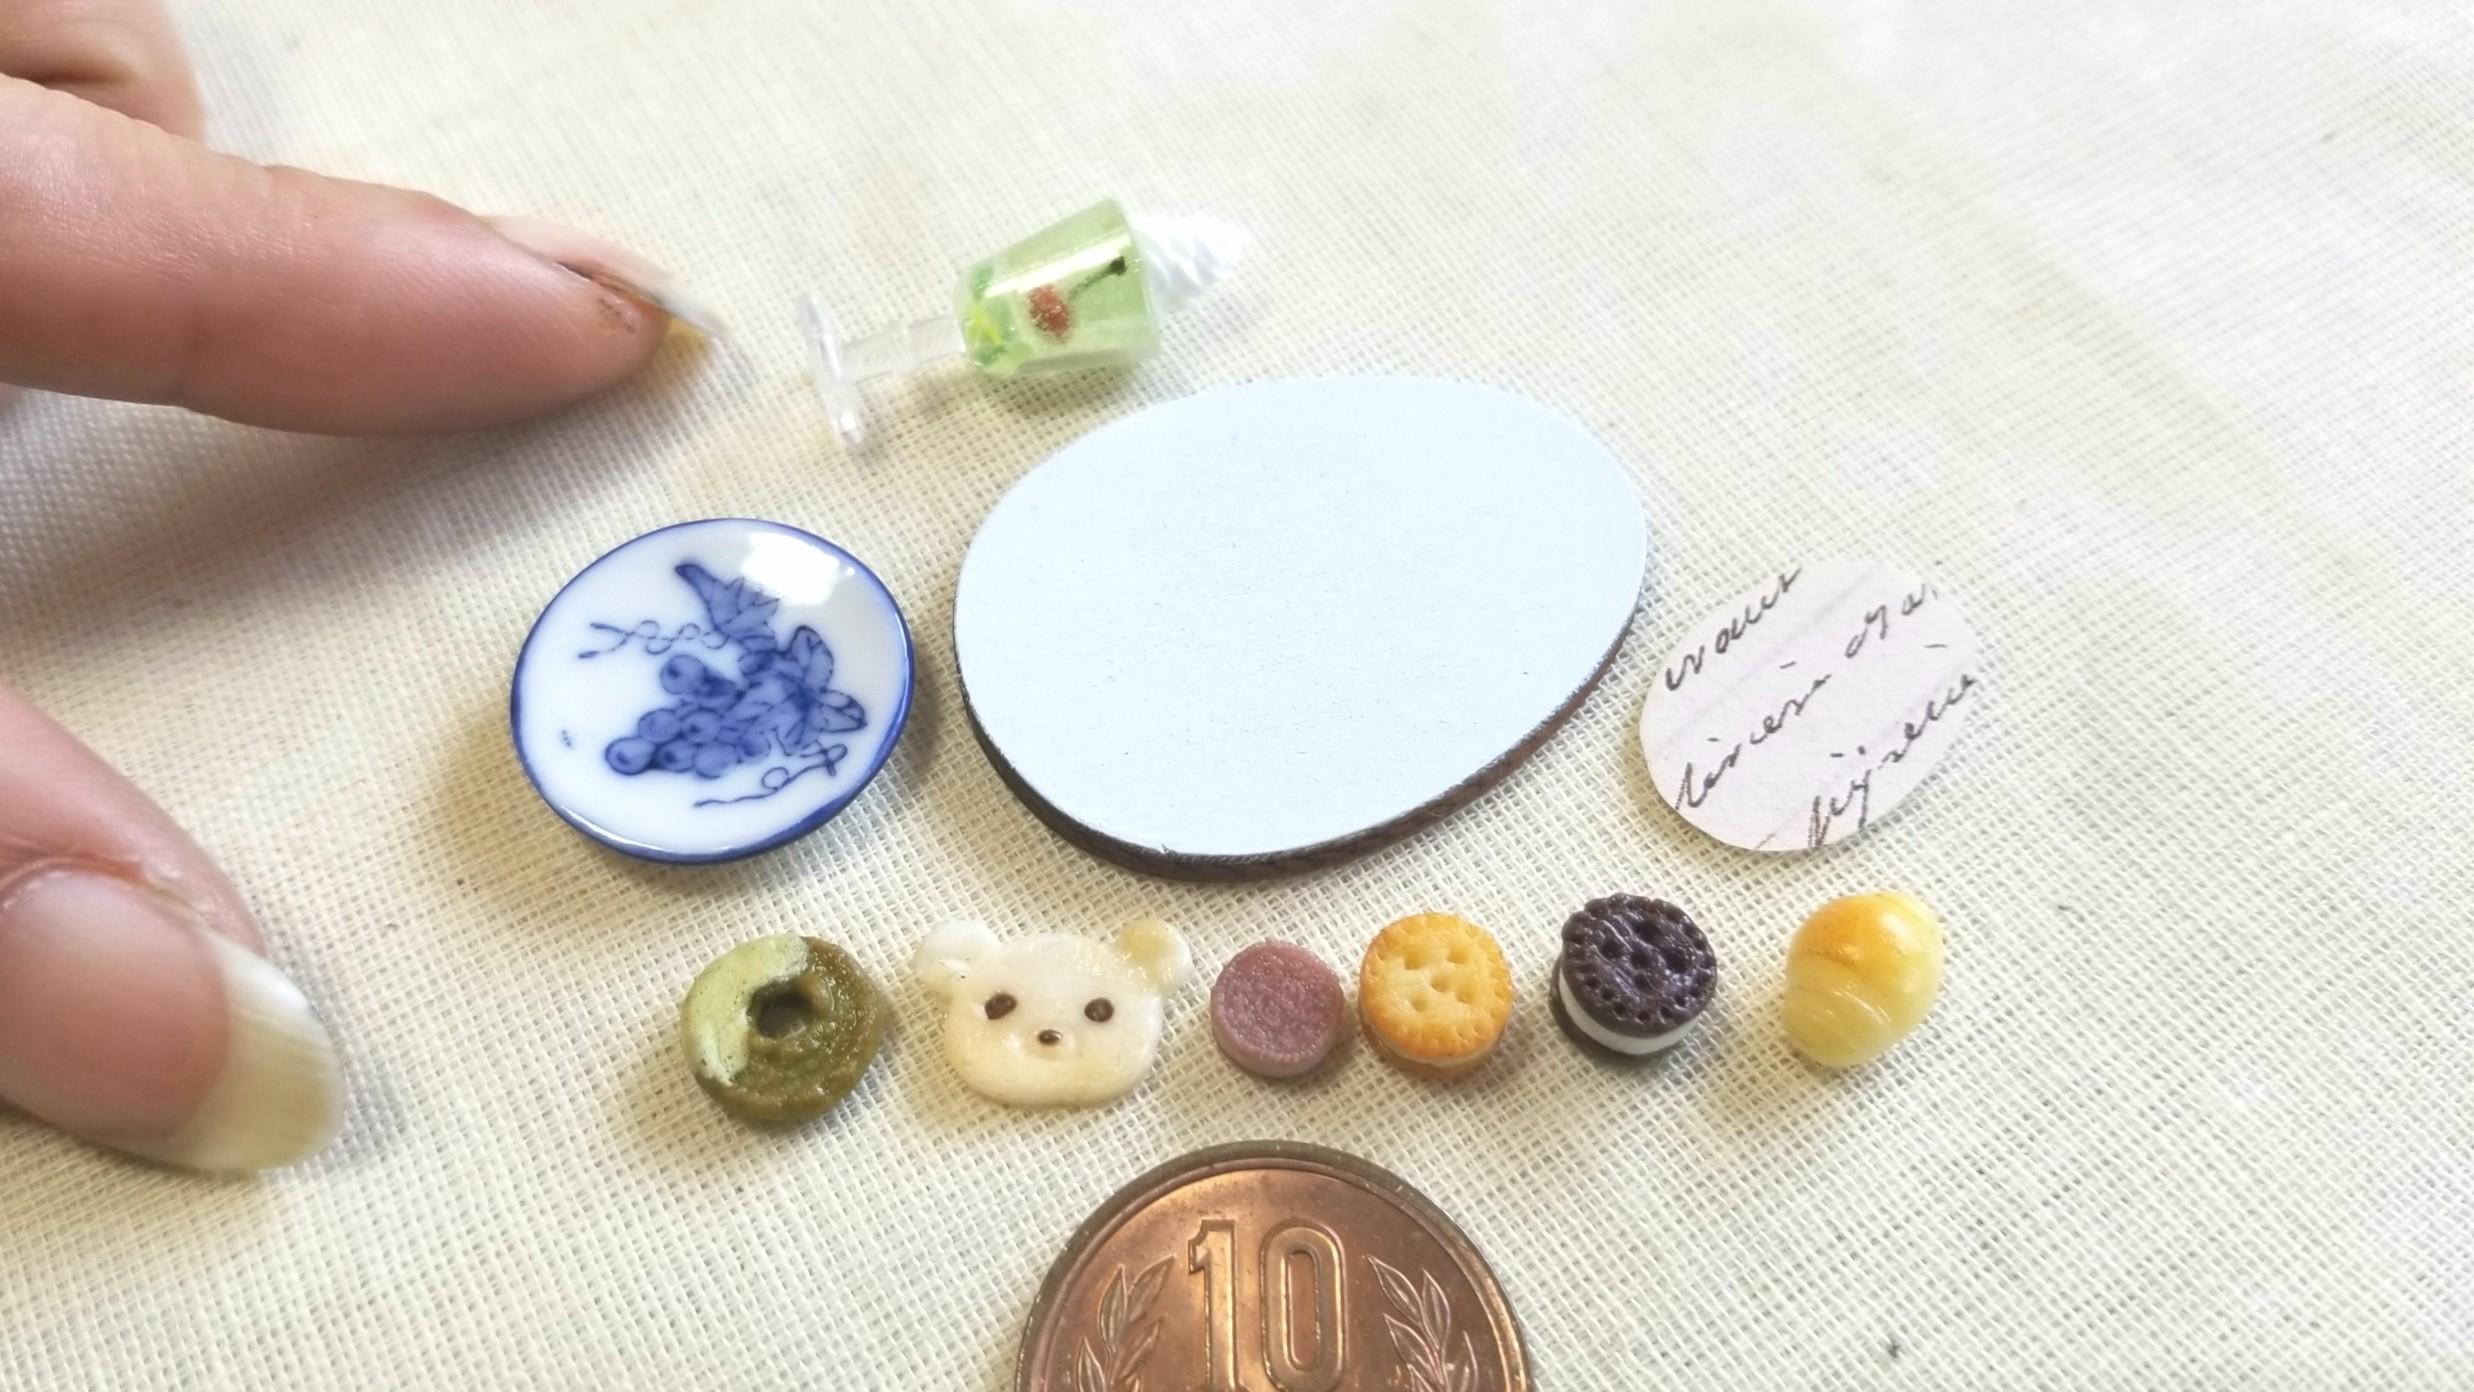 ミニチュアフード,かわいいドール用品小物,ミンネで販売中,おもちゃ